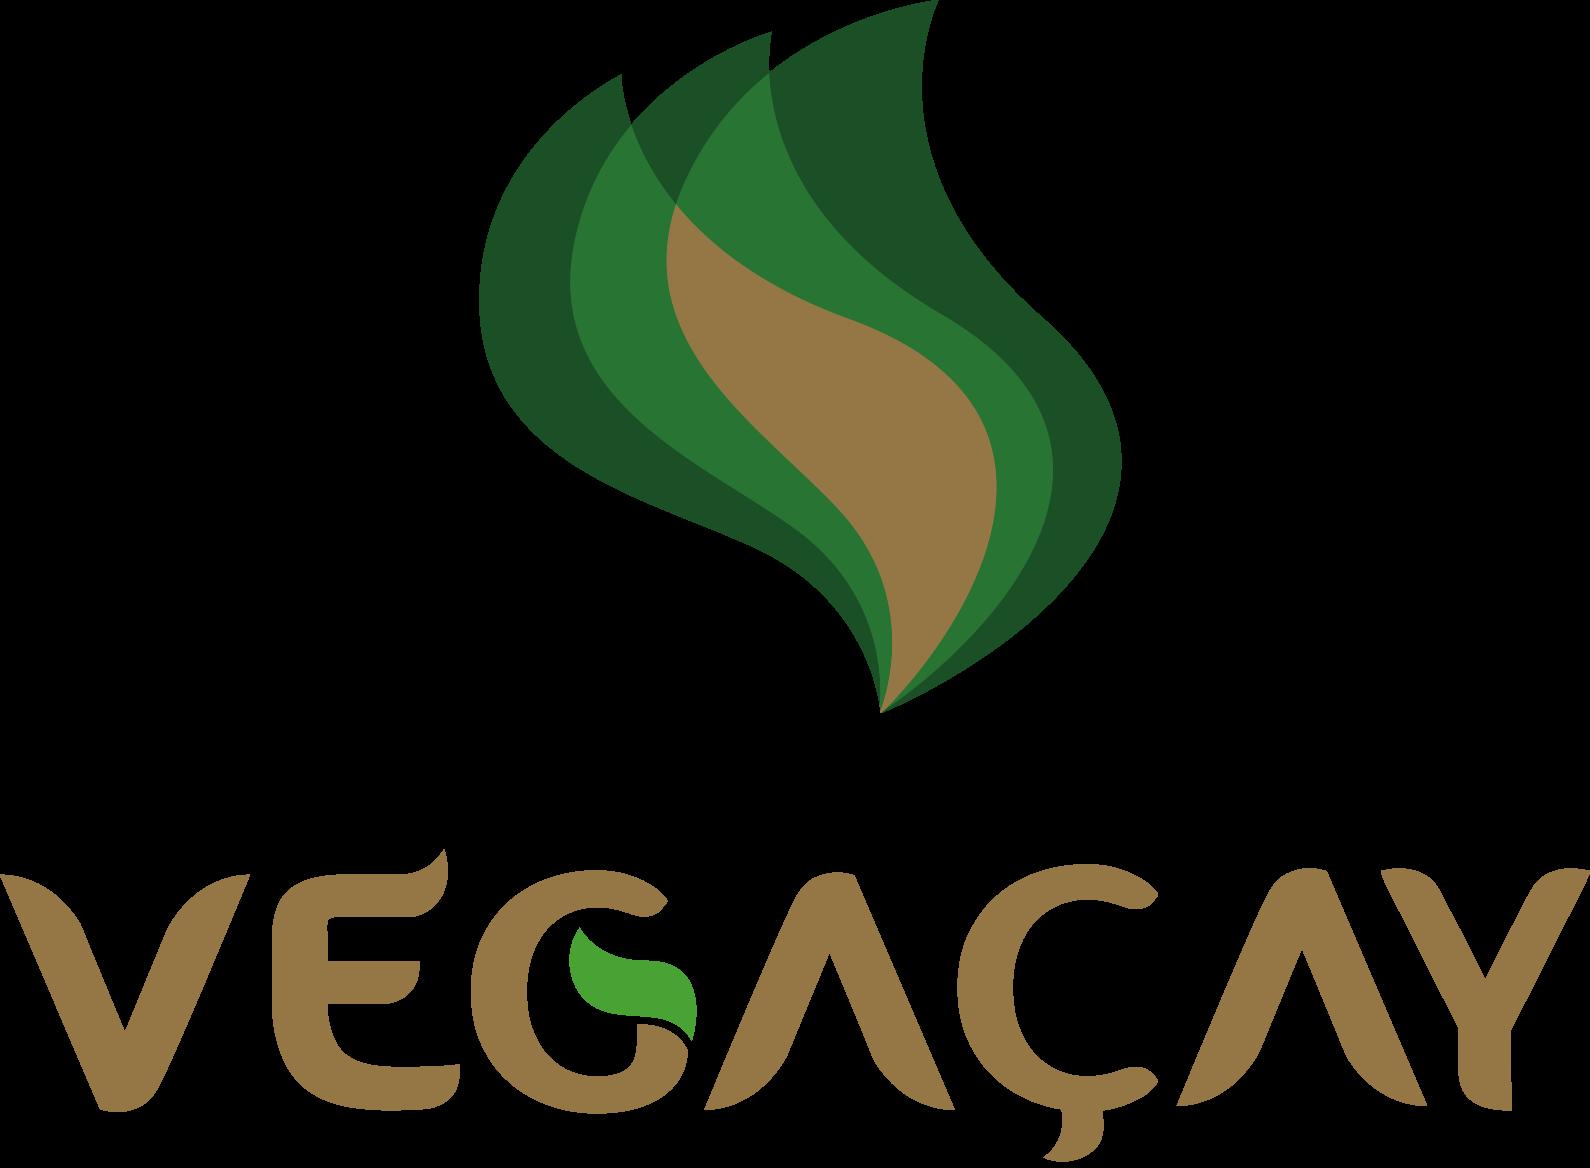 Vega cay logo